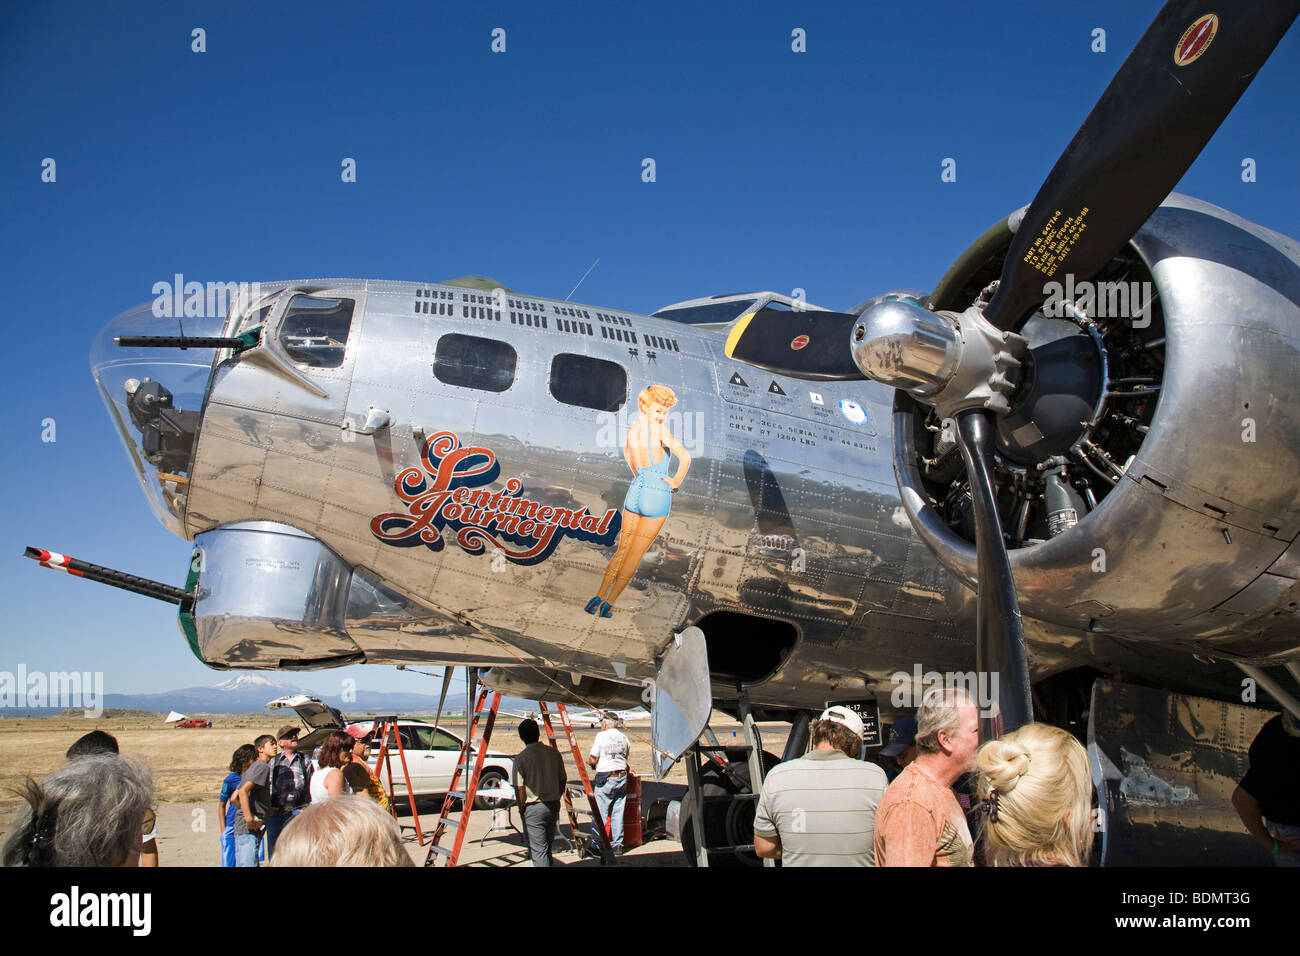 Compartimiento Bombadiers y nariz gunner en el viaje sentimental, restaurado de la Segunda Guerra Mundial la segunda guerra mundial era el bombardero B-17 Foto de stock